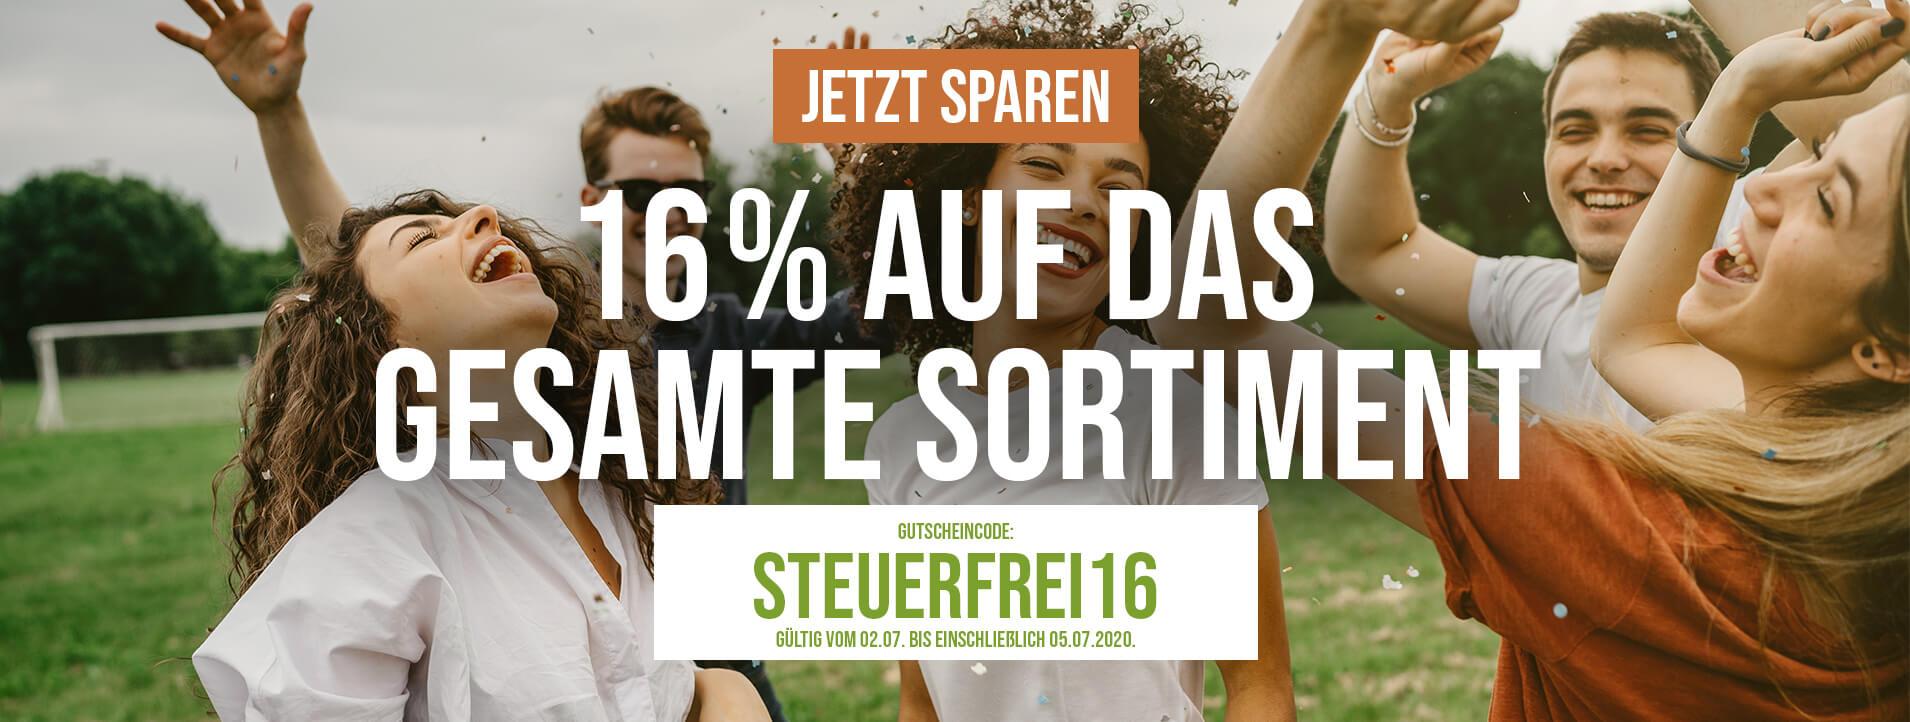 16% AUF DAS GESAMTE SORTIMENT bei NUTRI+